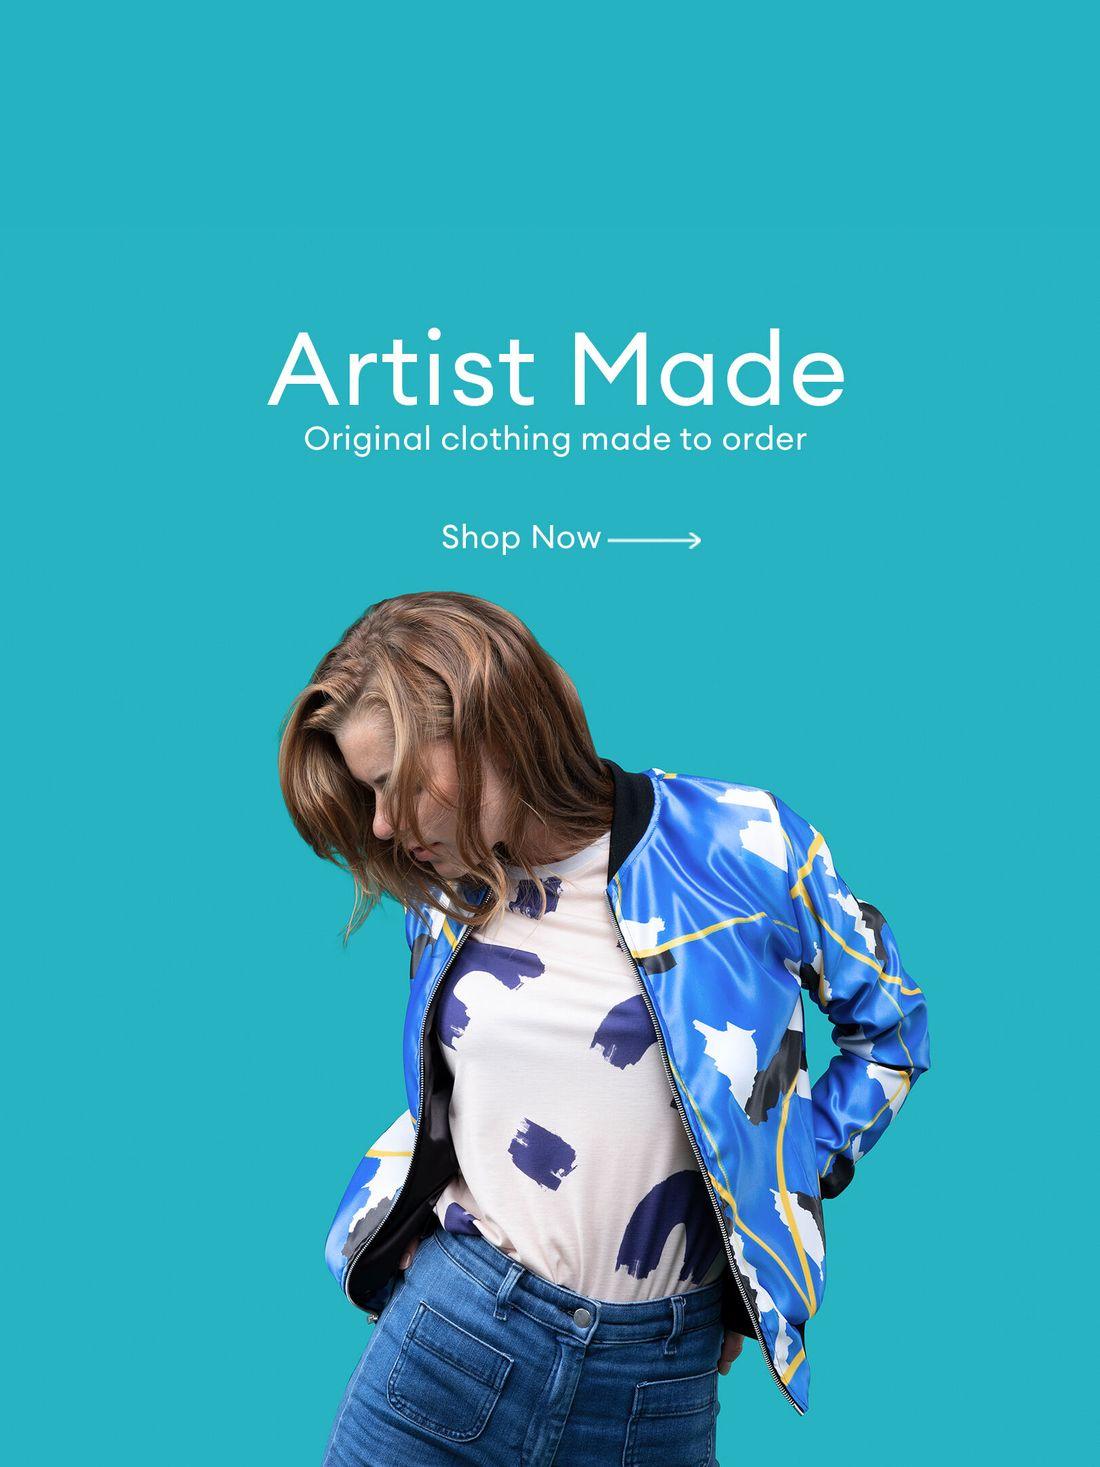 artist made